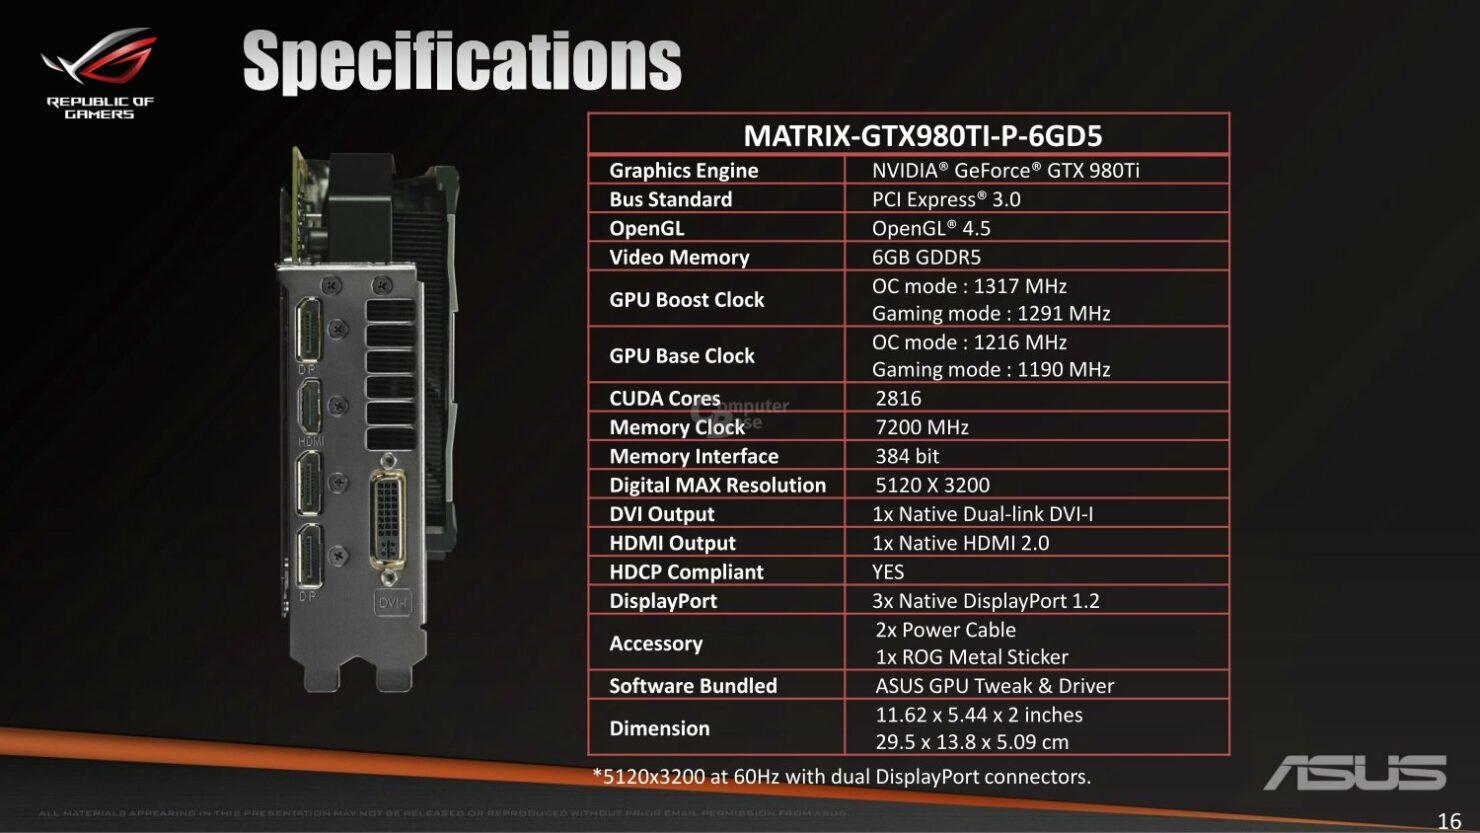 asus-rog-matrix-gtx-980-ti-platinum_specifications